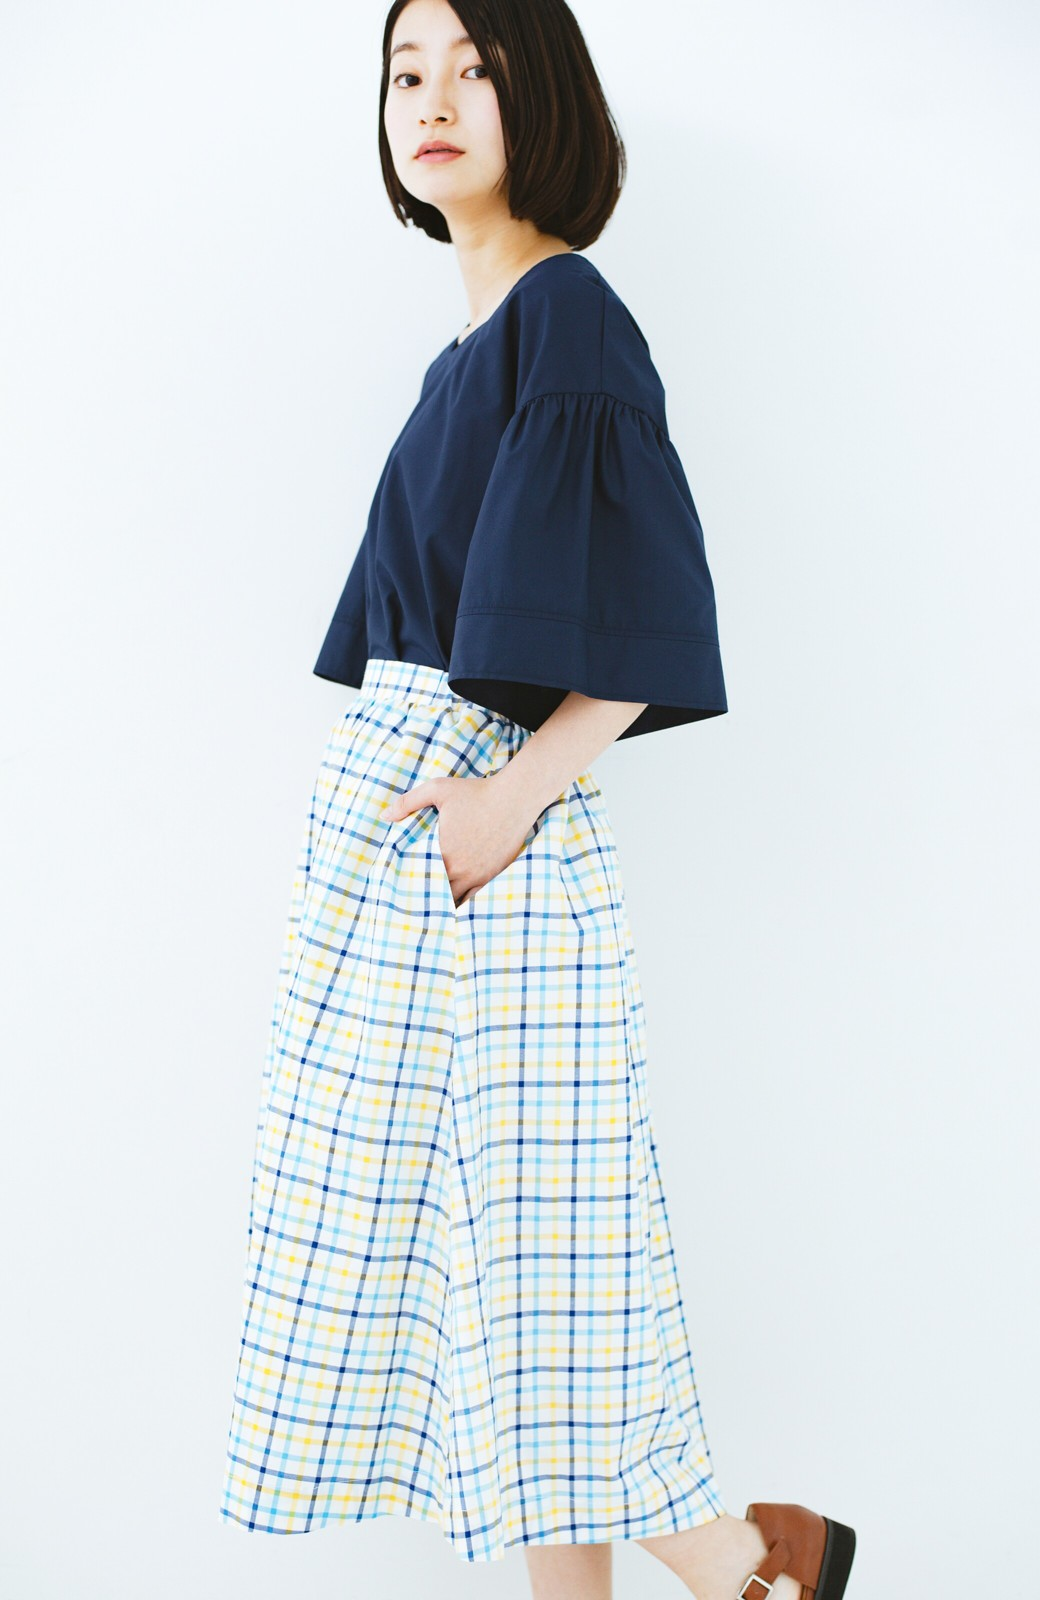 haco! ドキドキした気持ちになりたい時の華やかチェックフレアースカート <イエロー>の商品写真1